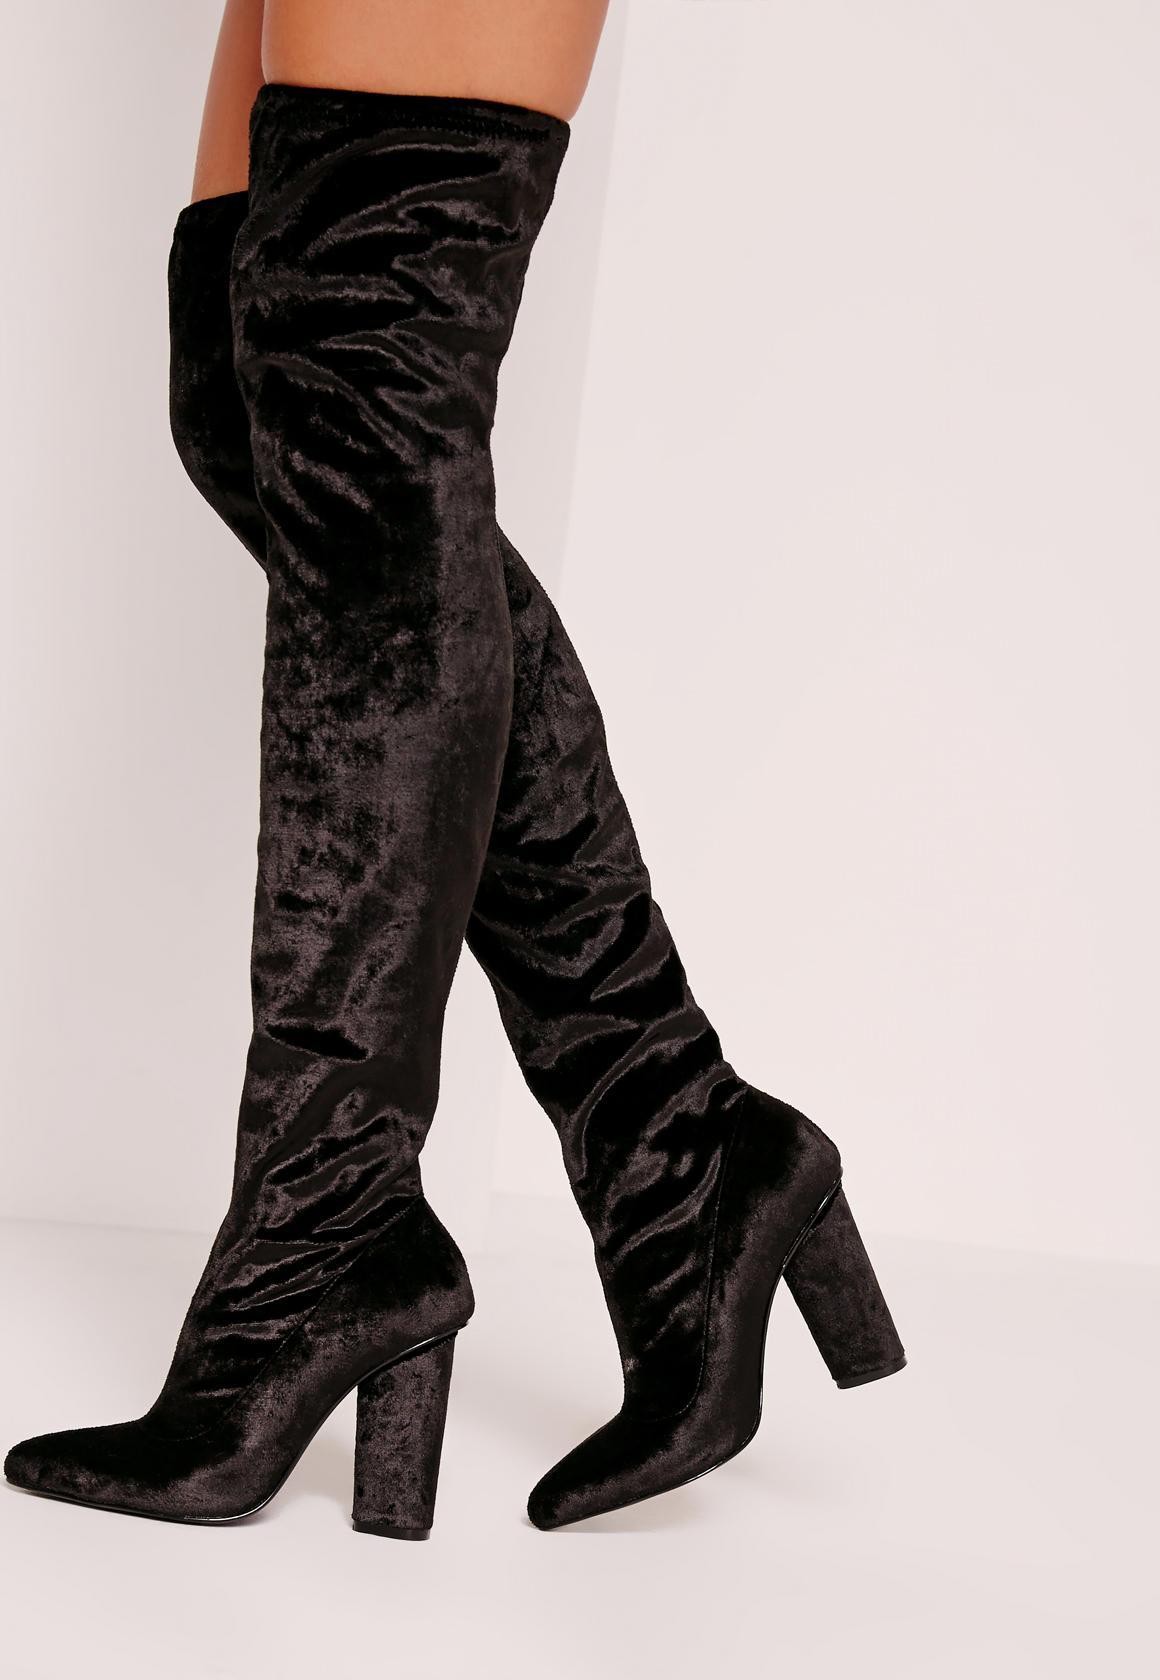 Velvet Over The Knee Boots Black - Missguided